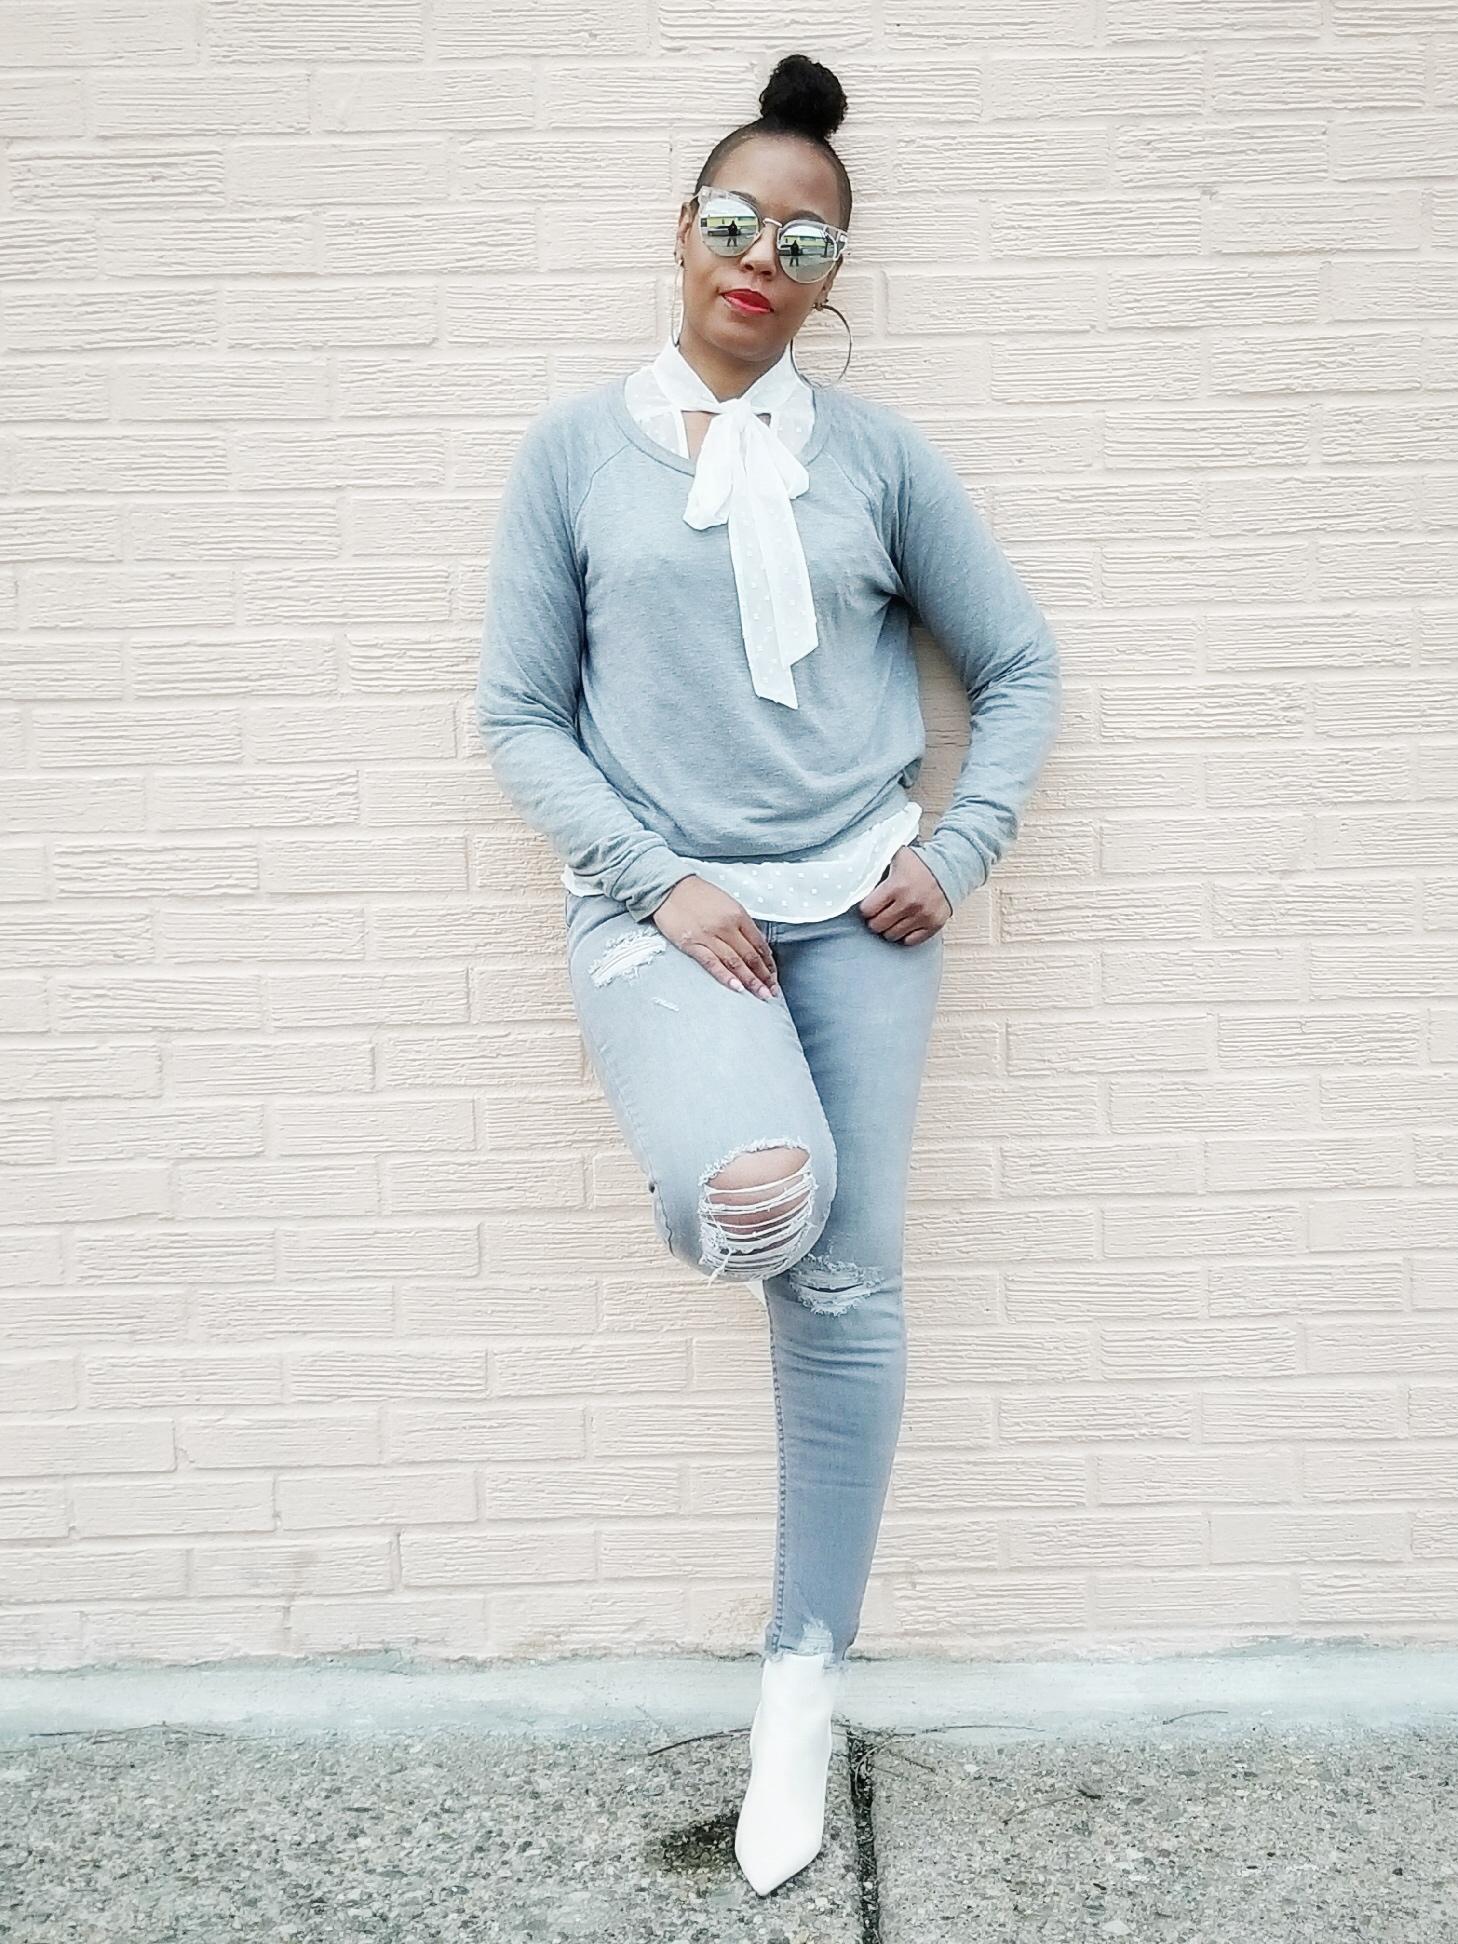 3-Stylish-Ways-To-Wear-One-Sweatshirt